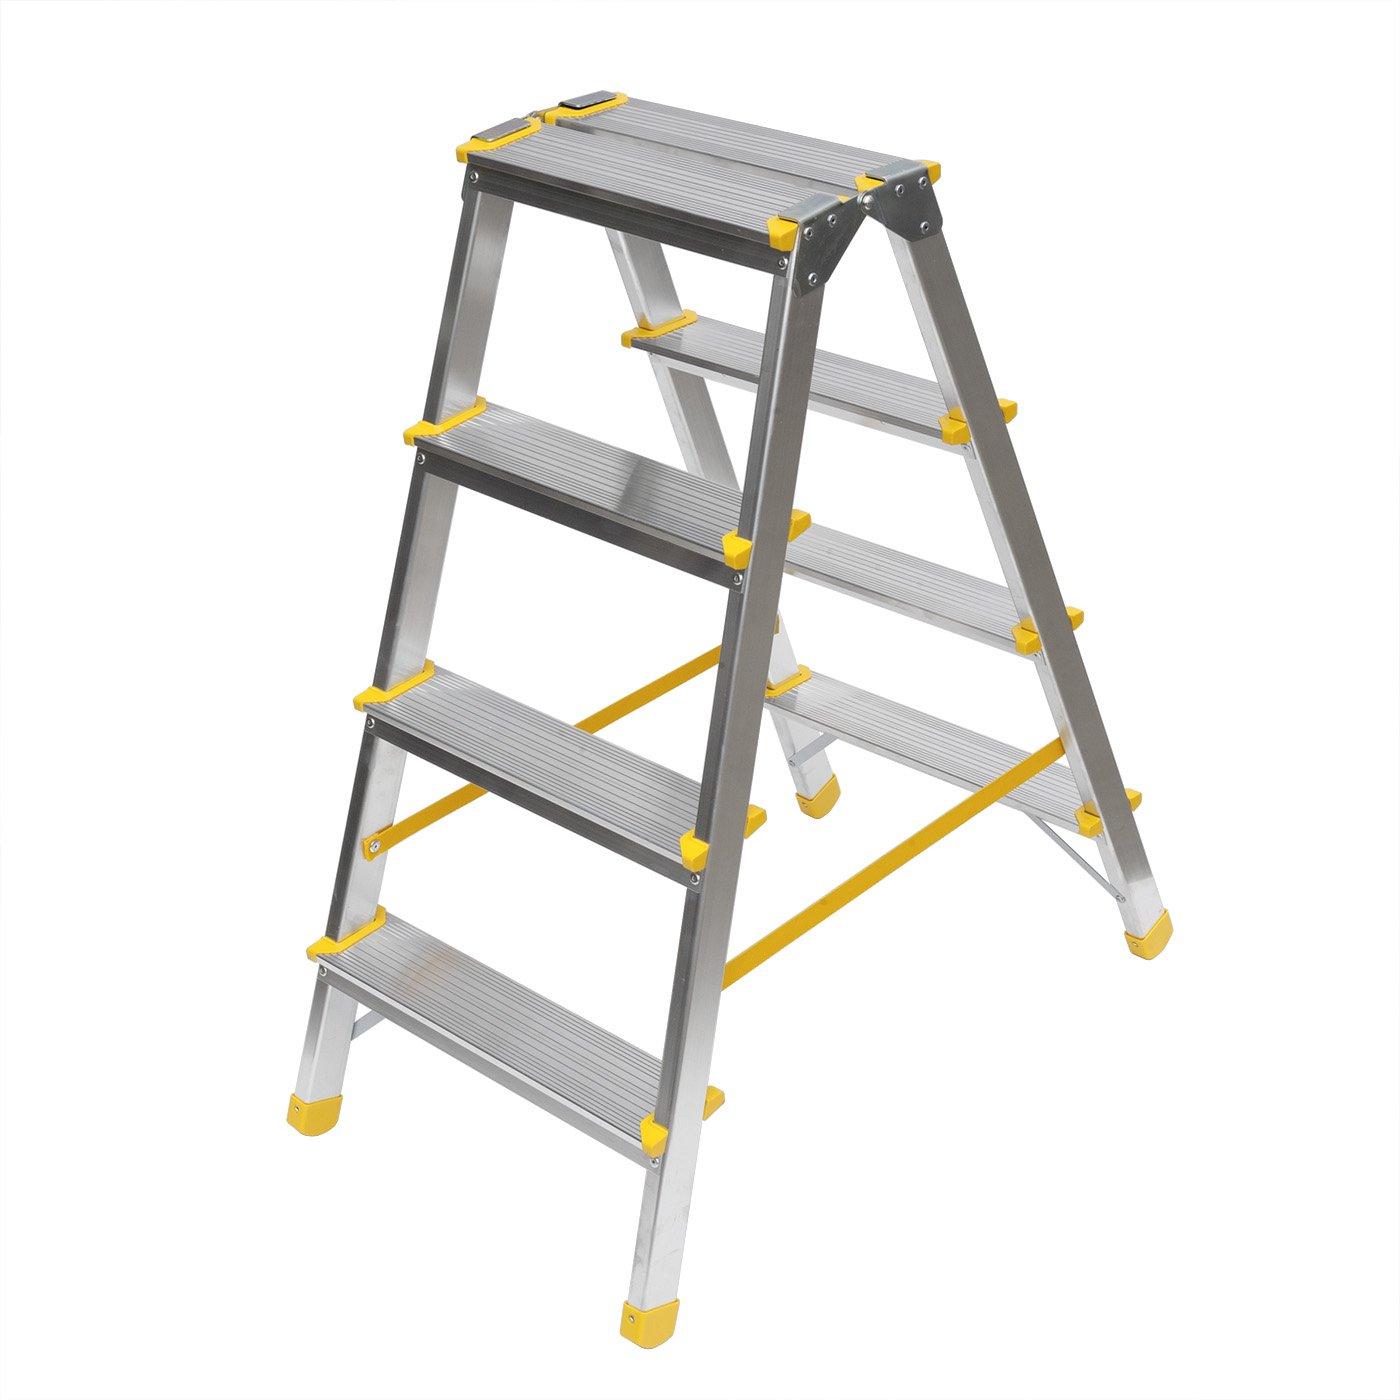 aluminium trittleiter beidseitig begehbar 2x4 stufen. Black Bedroom Furniture Sets. Home Design Ideas